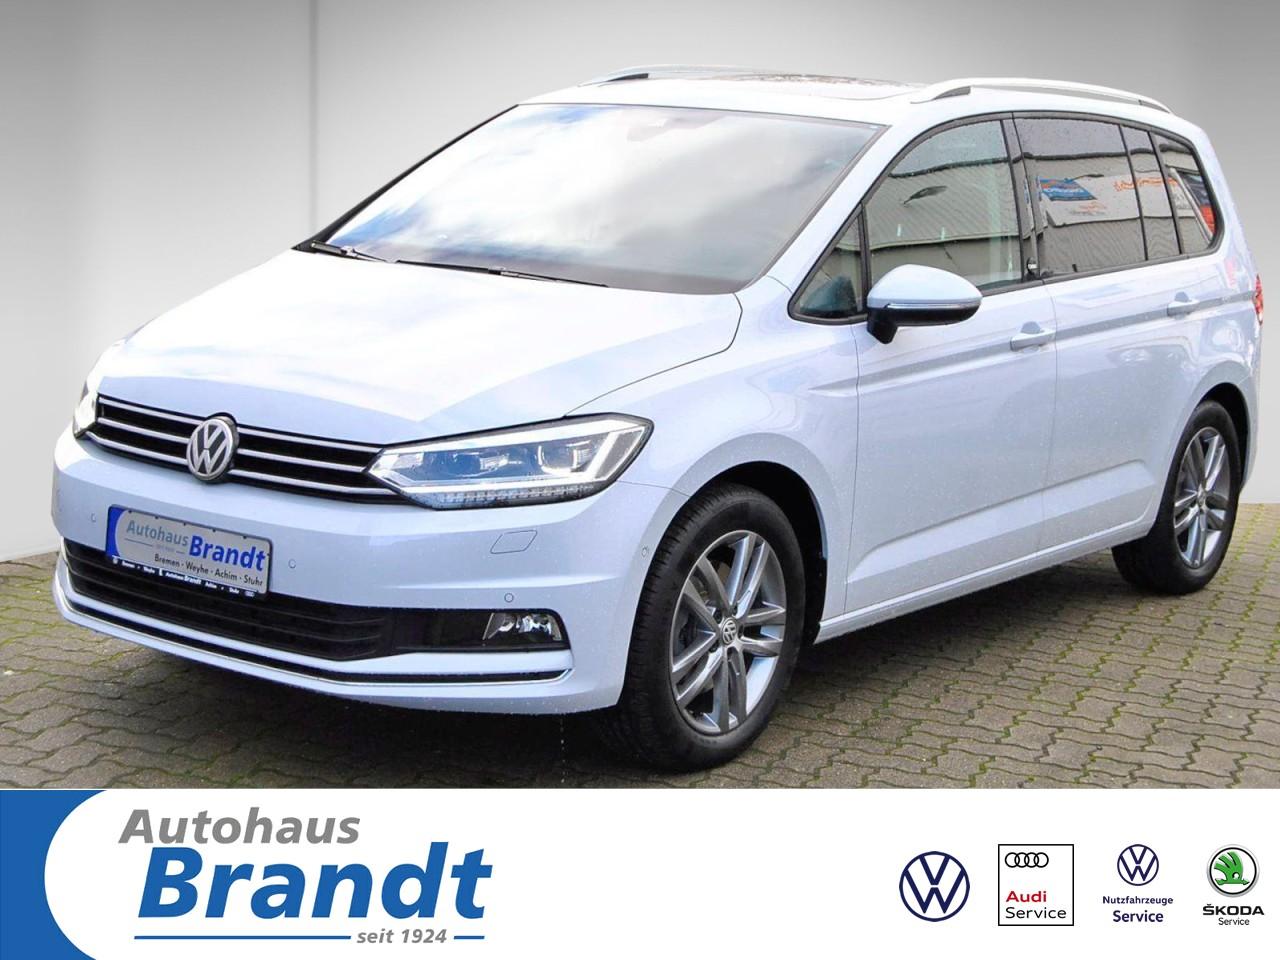 Volkswagen Touran 1.6 TDI Sound DSG PANO*STANDH.*LED*NAVI, Jahr 2018, Diesel